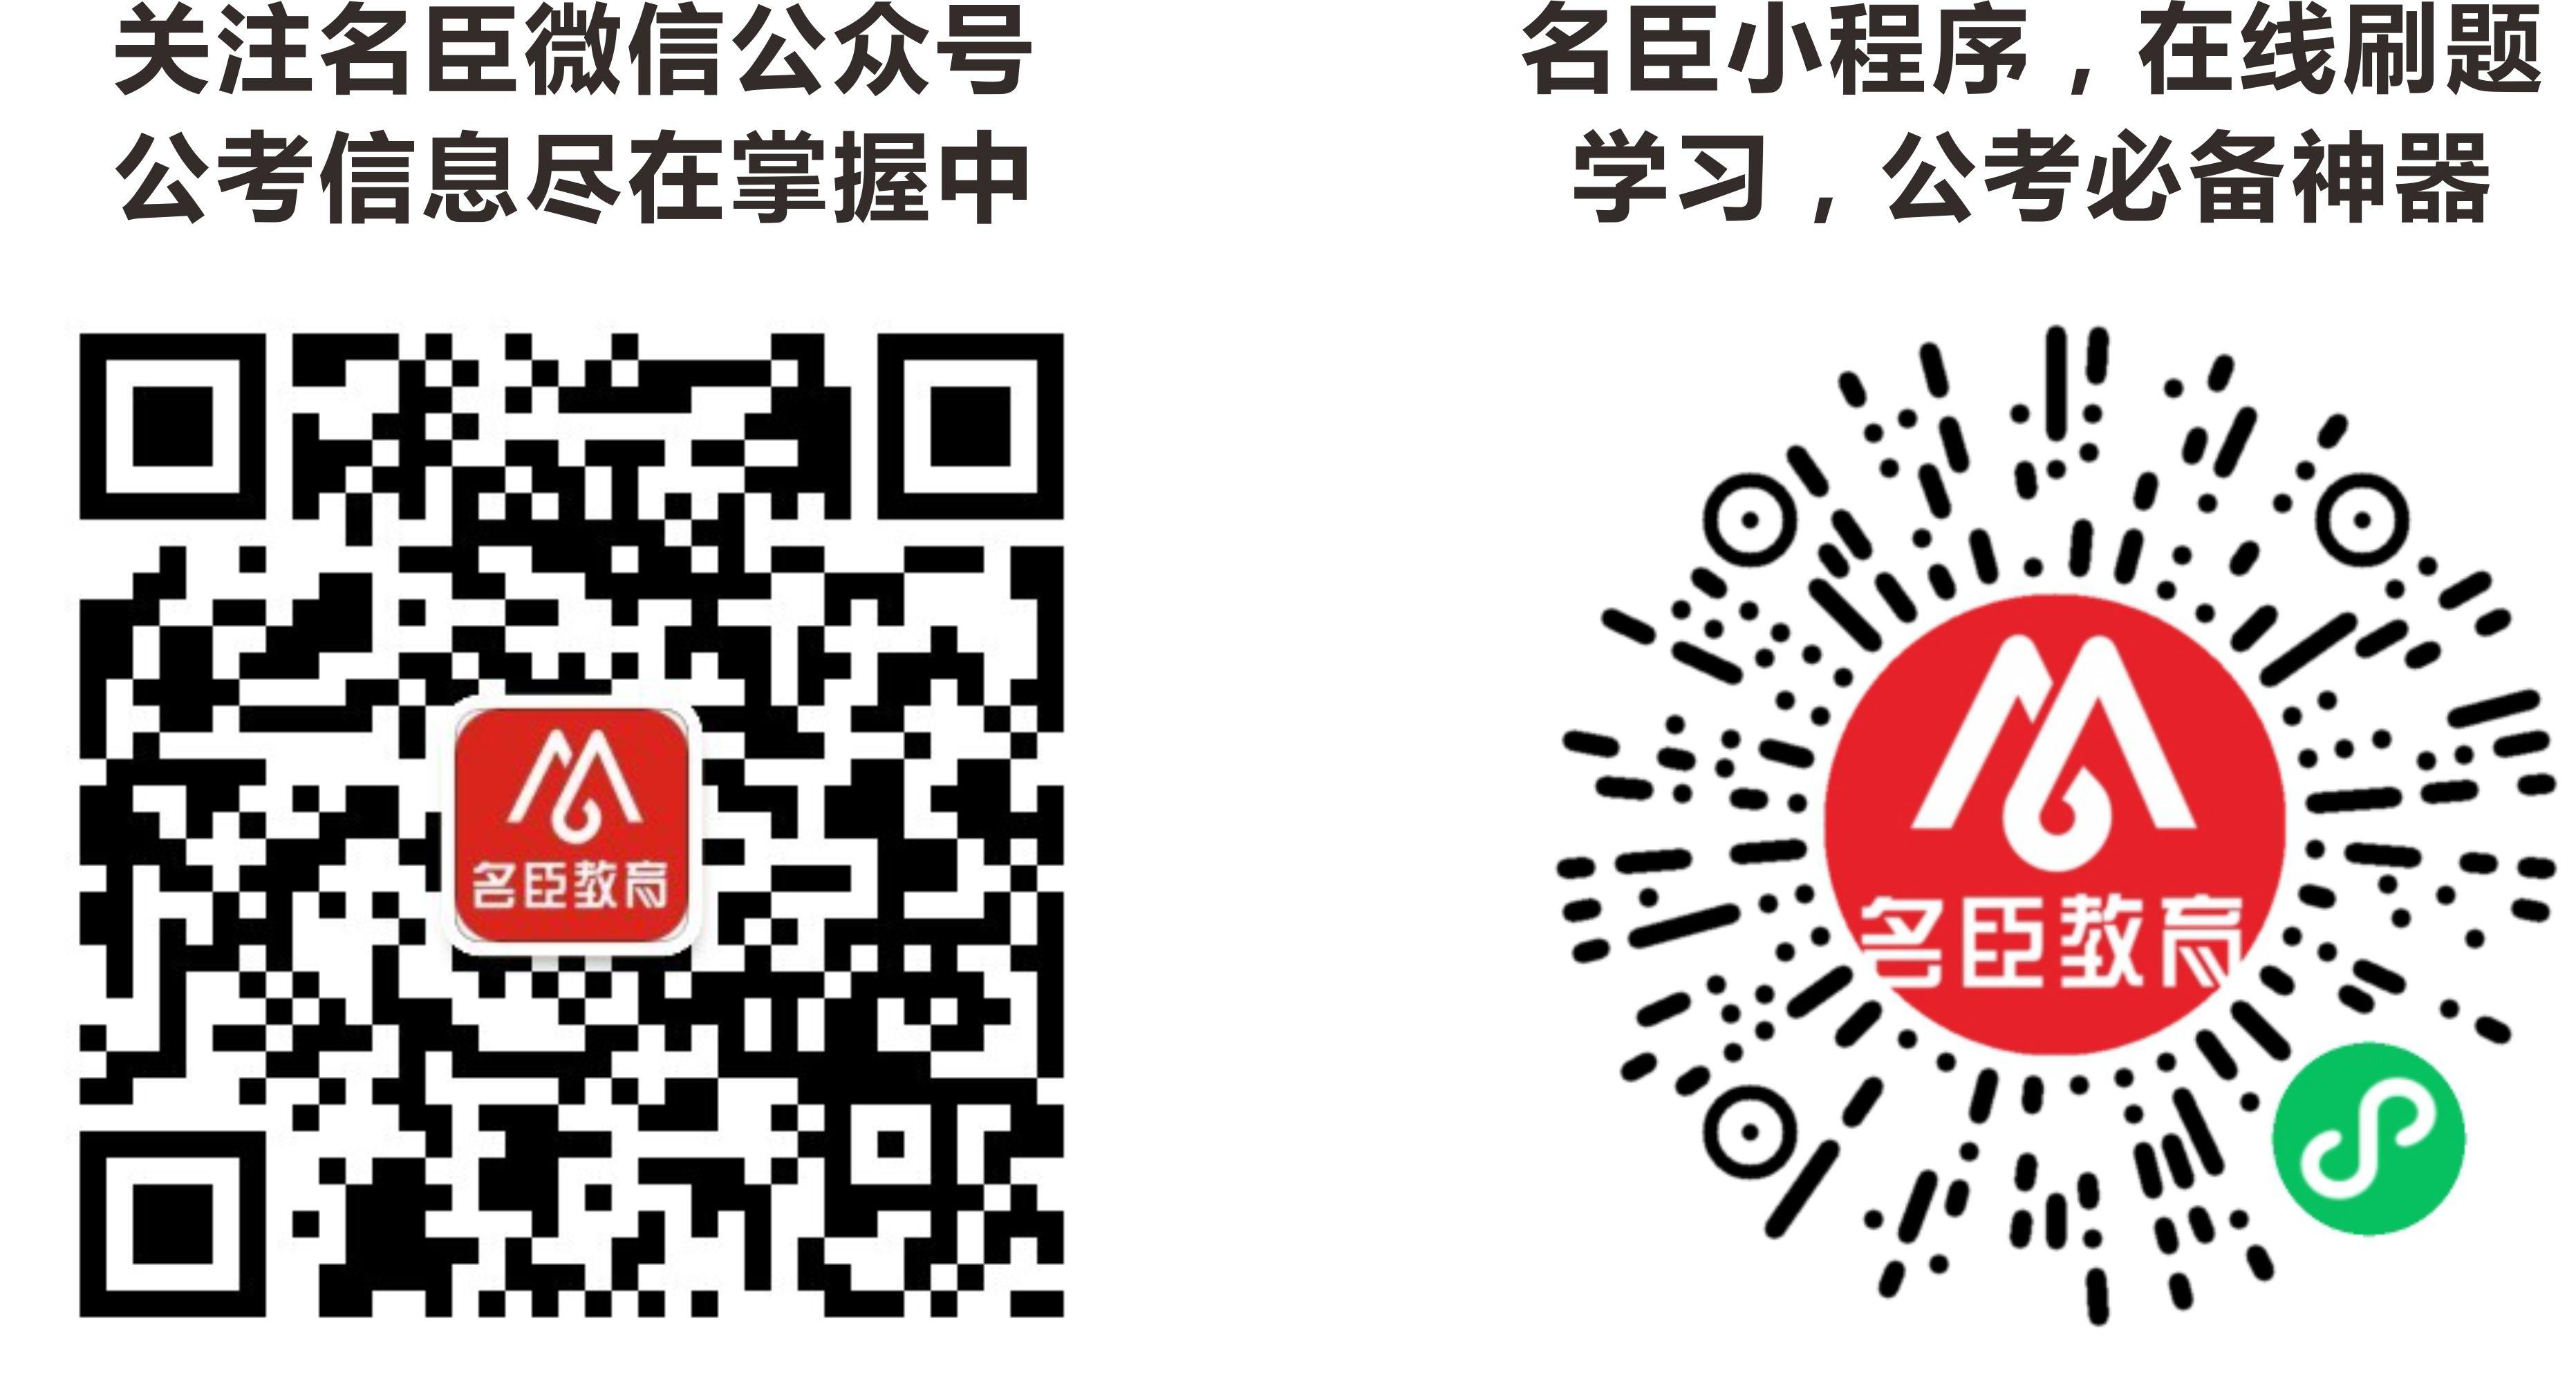 2020年9月17日四川公务员面试题目(图13)